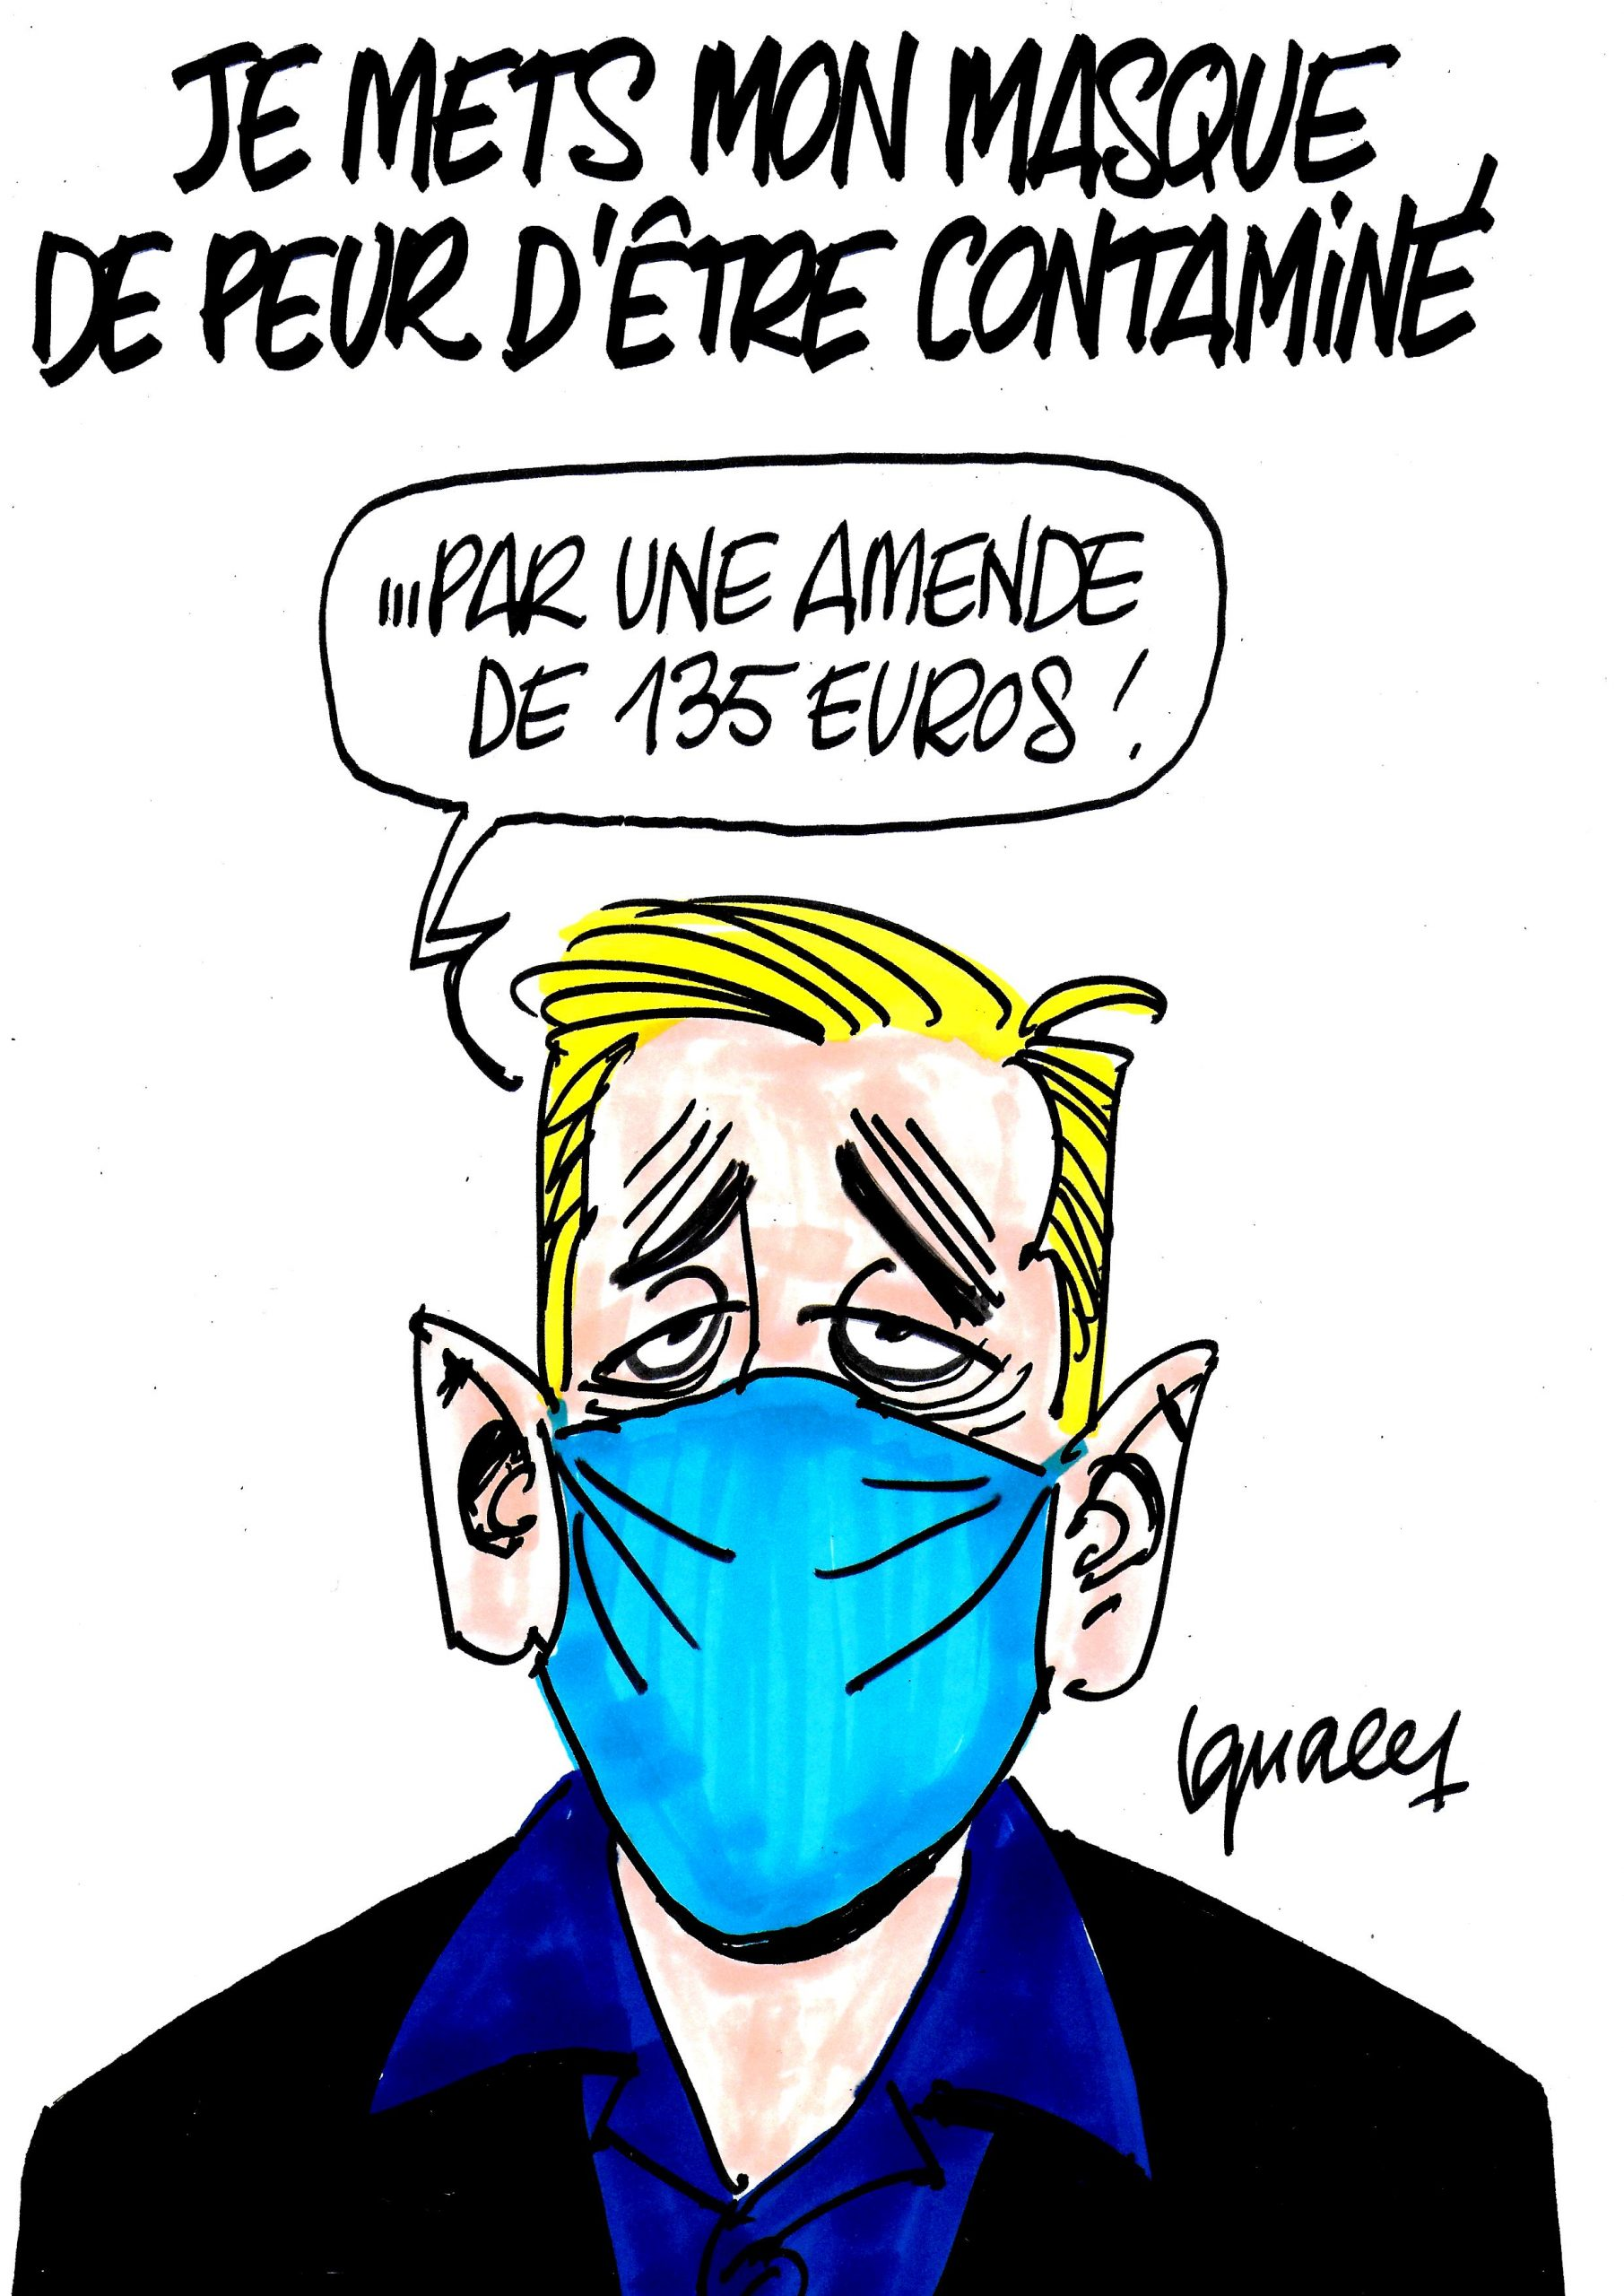 Ignace - Un masque pour ne pas être contaminé